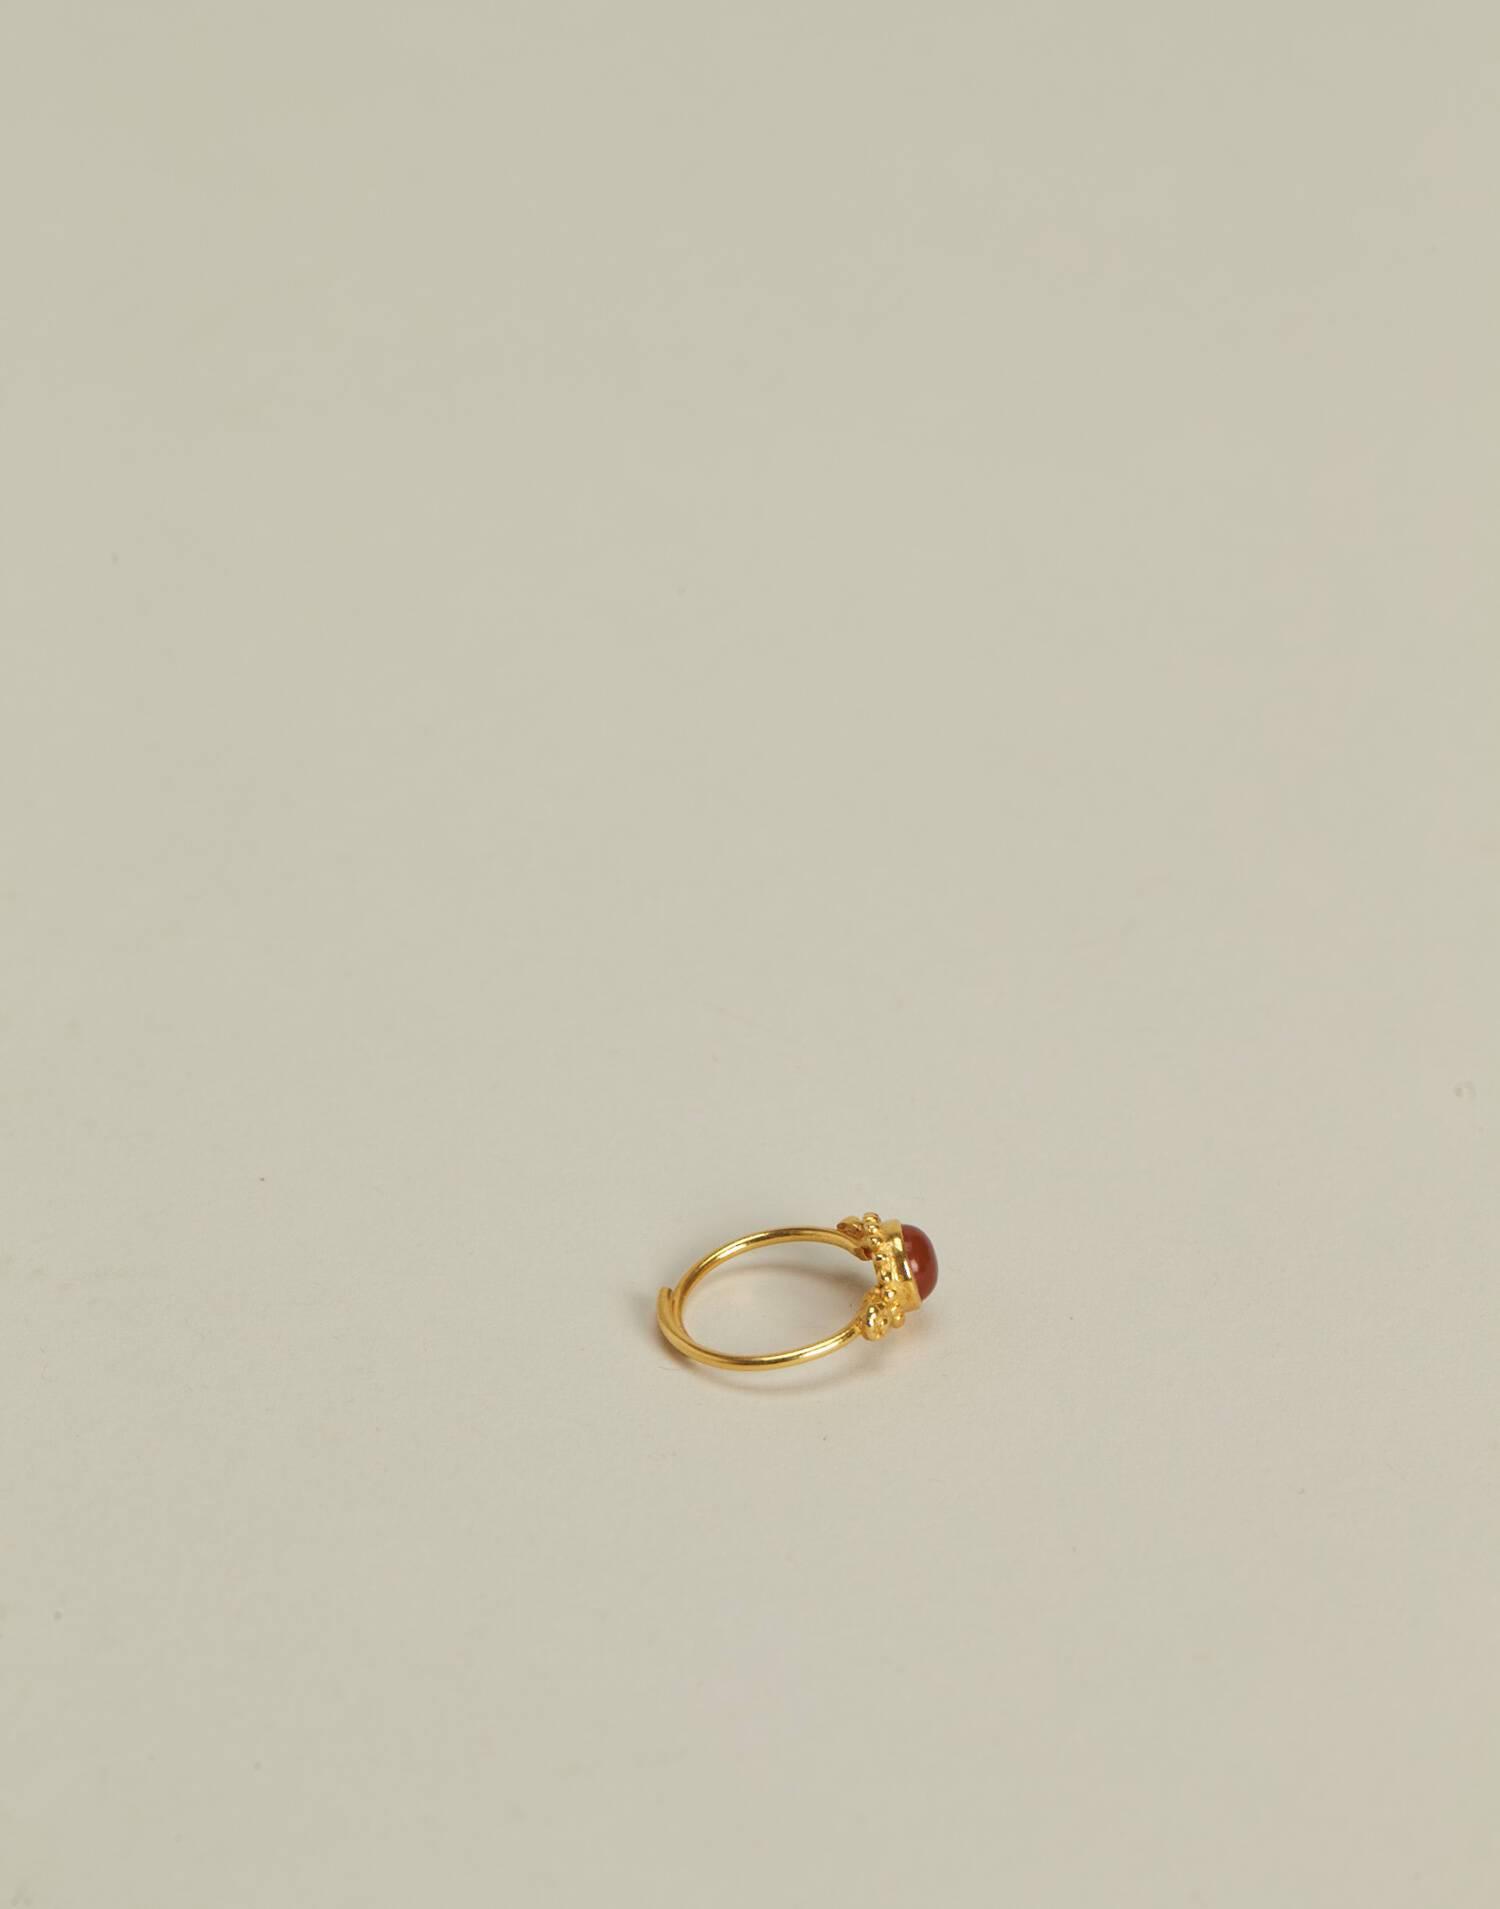 Anillo flor piedra baño de oro